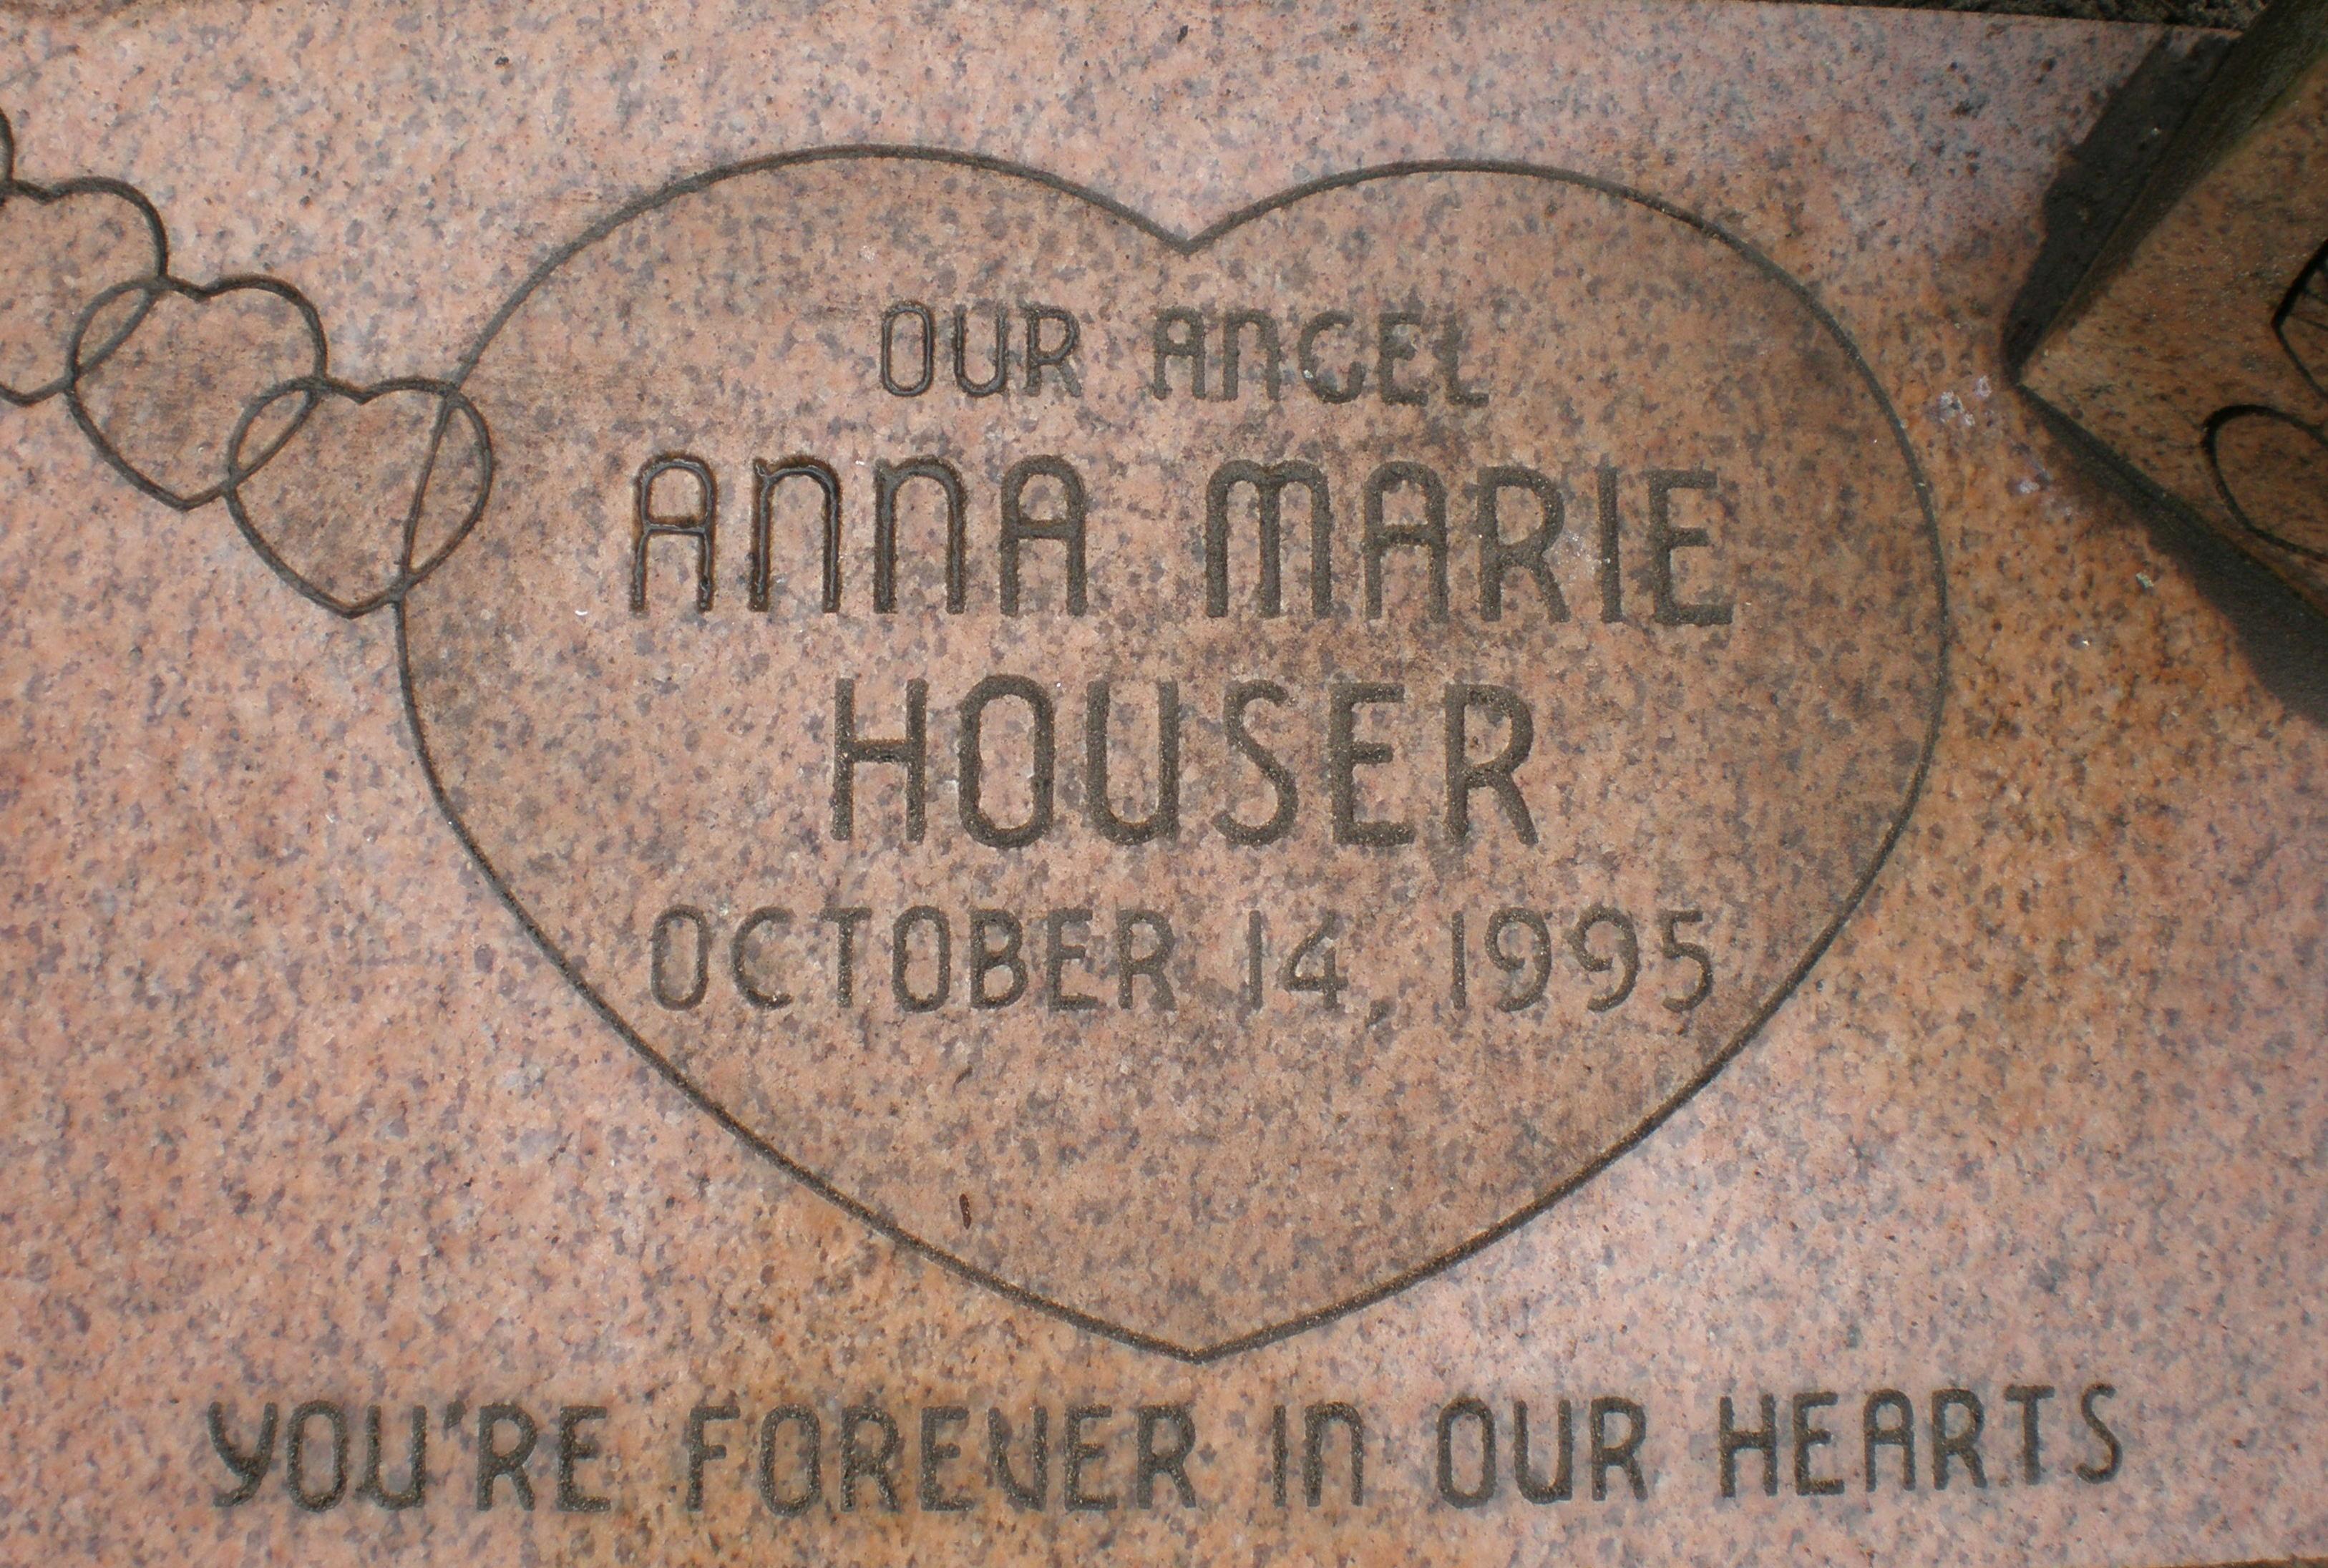 Anna Marie Houser